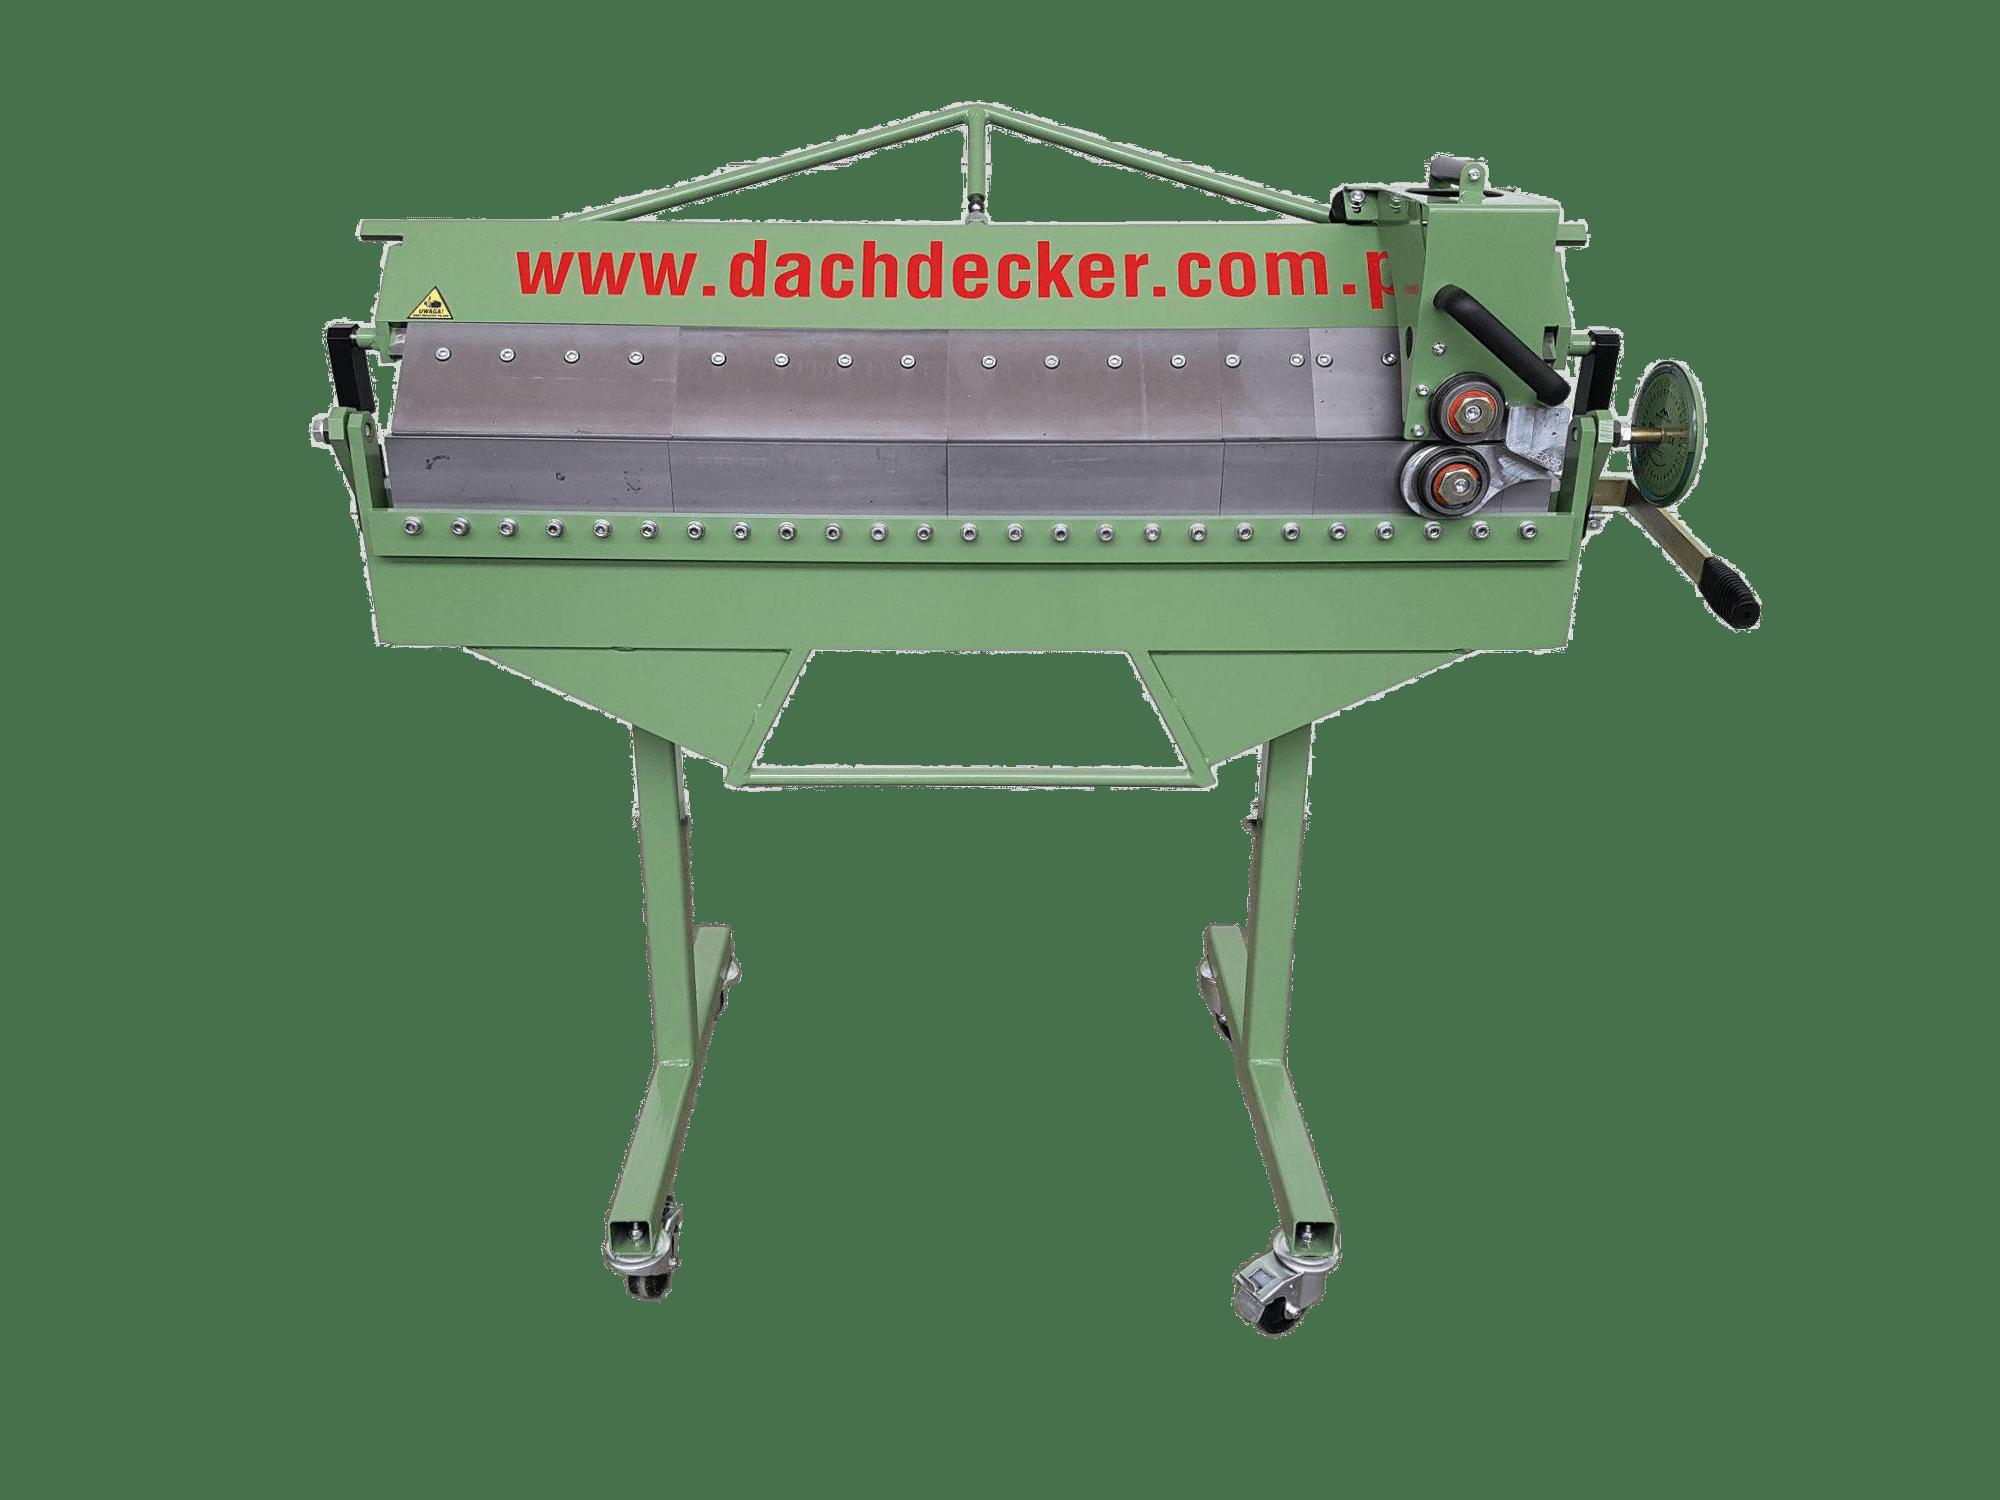 dachdecker_maszyny_dekarskie_seglfg